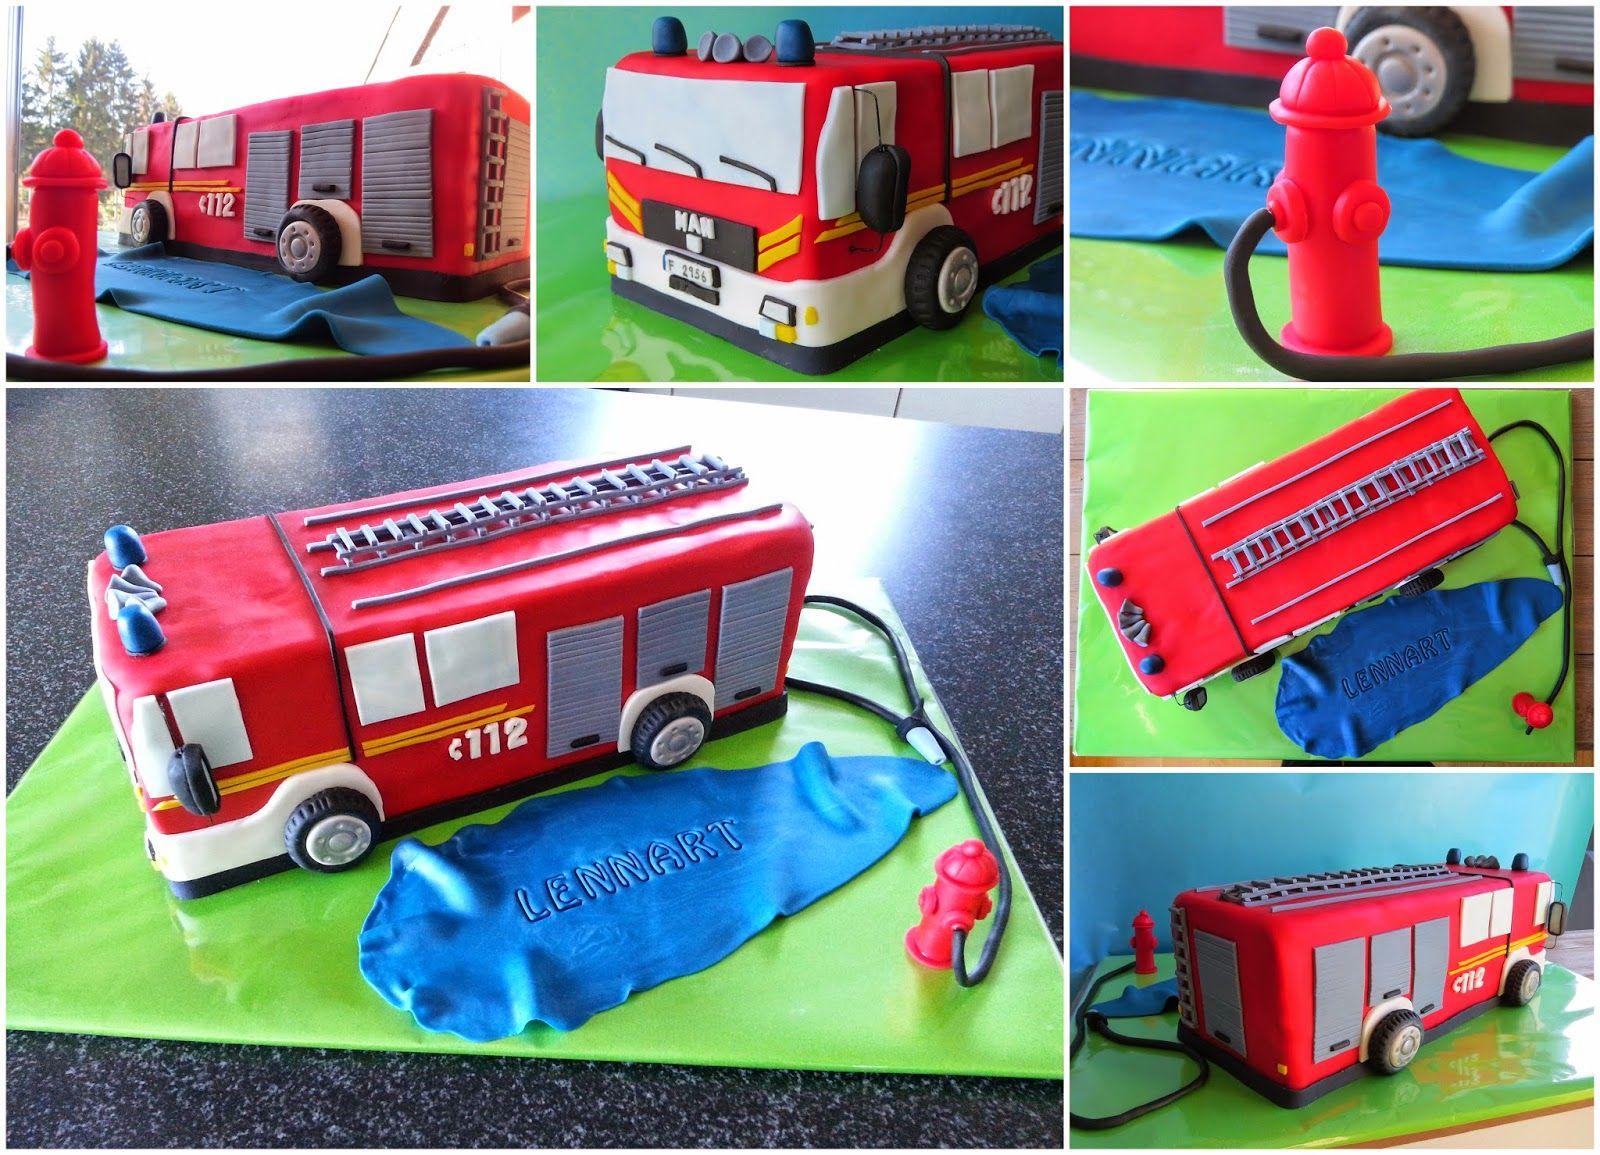 Torten Feuerwehr Kuchen Feuerwehr Kuchen